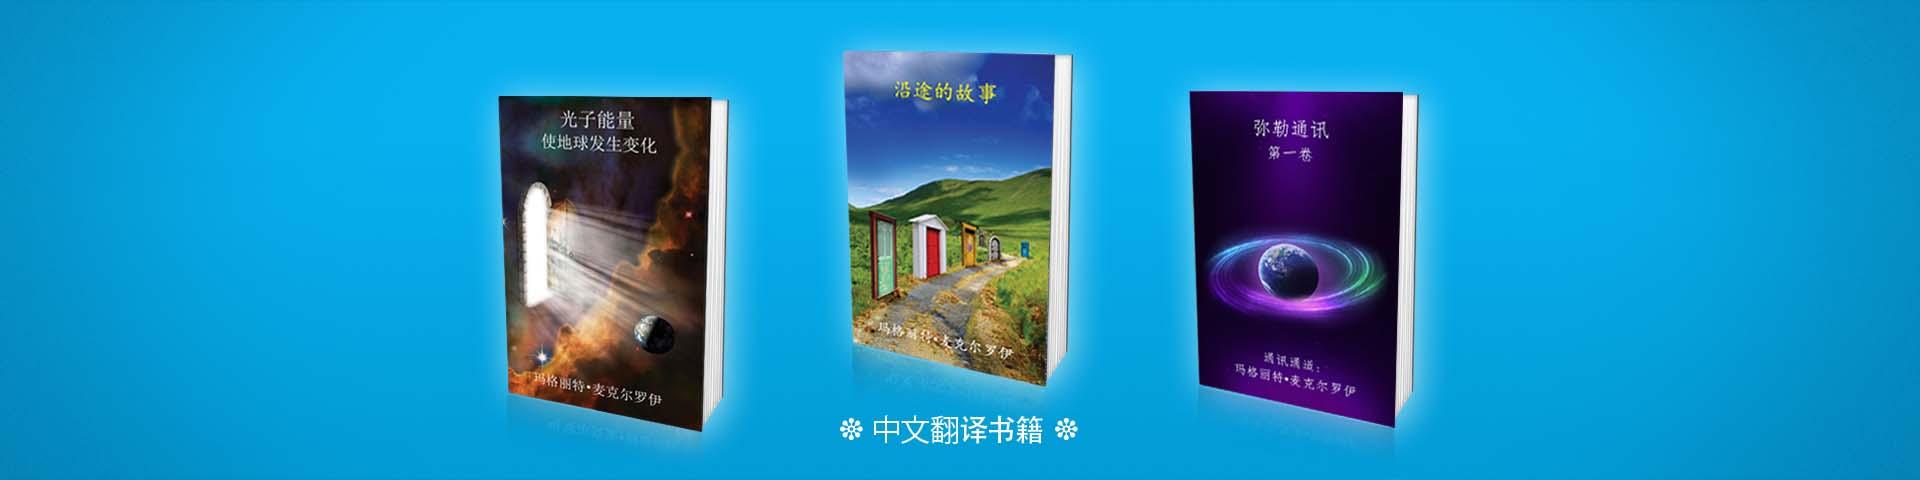 maitreya-books-in-chinese